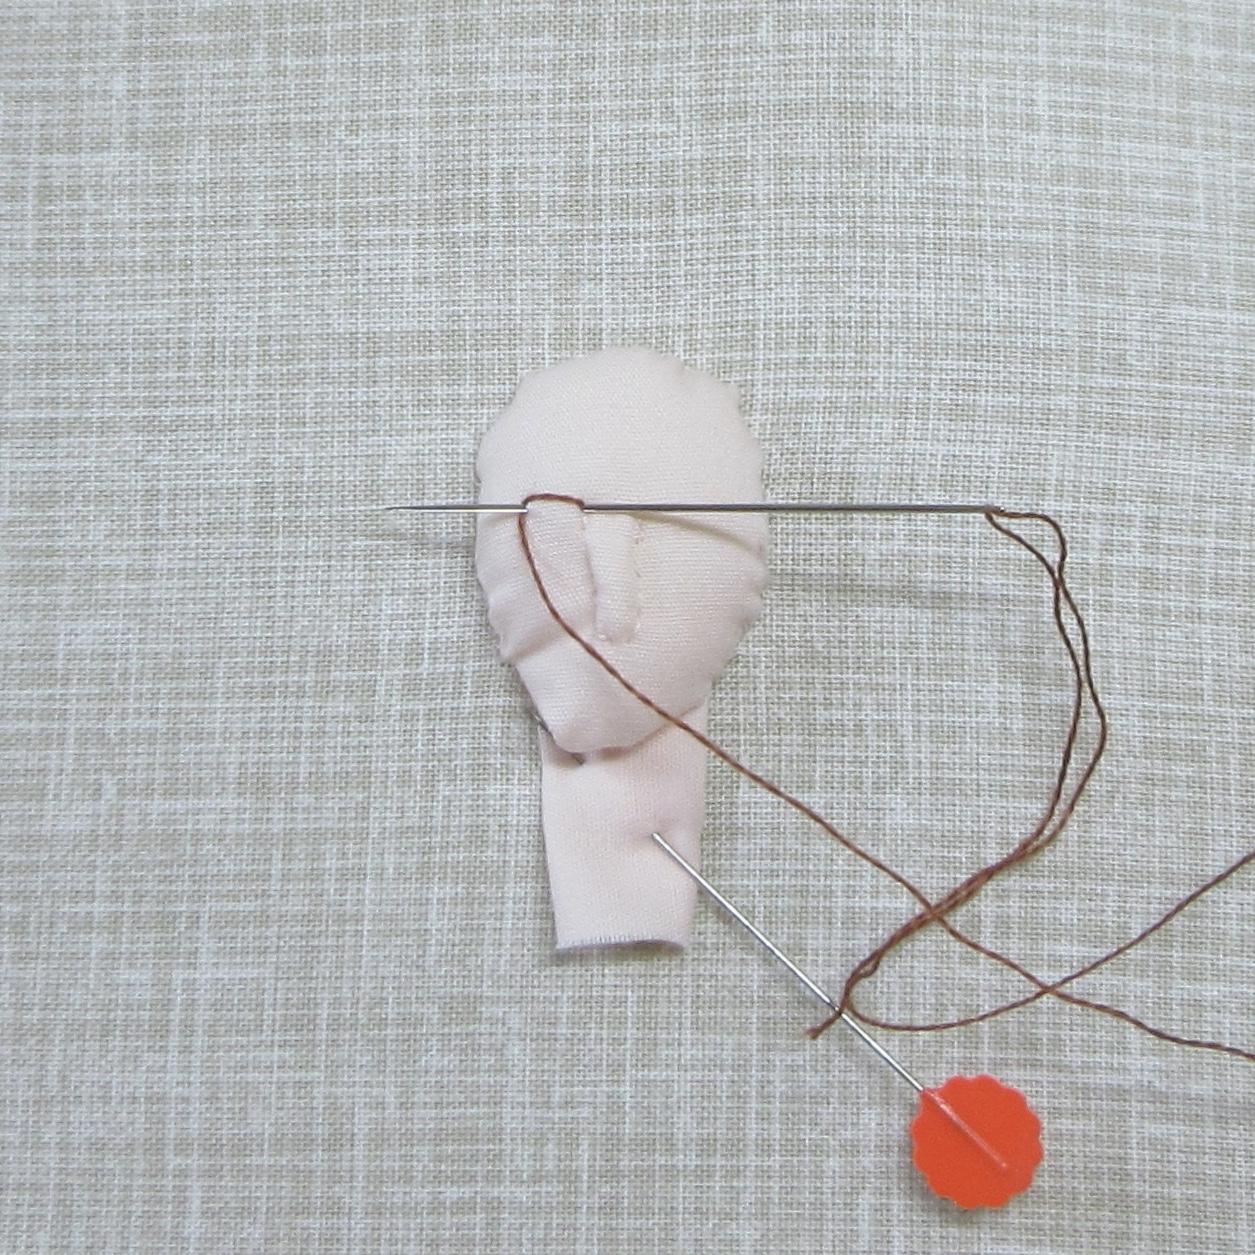 Queenie S Needlework Stumpwork Tutorial